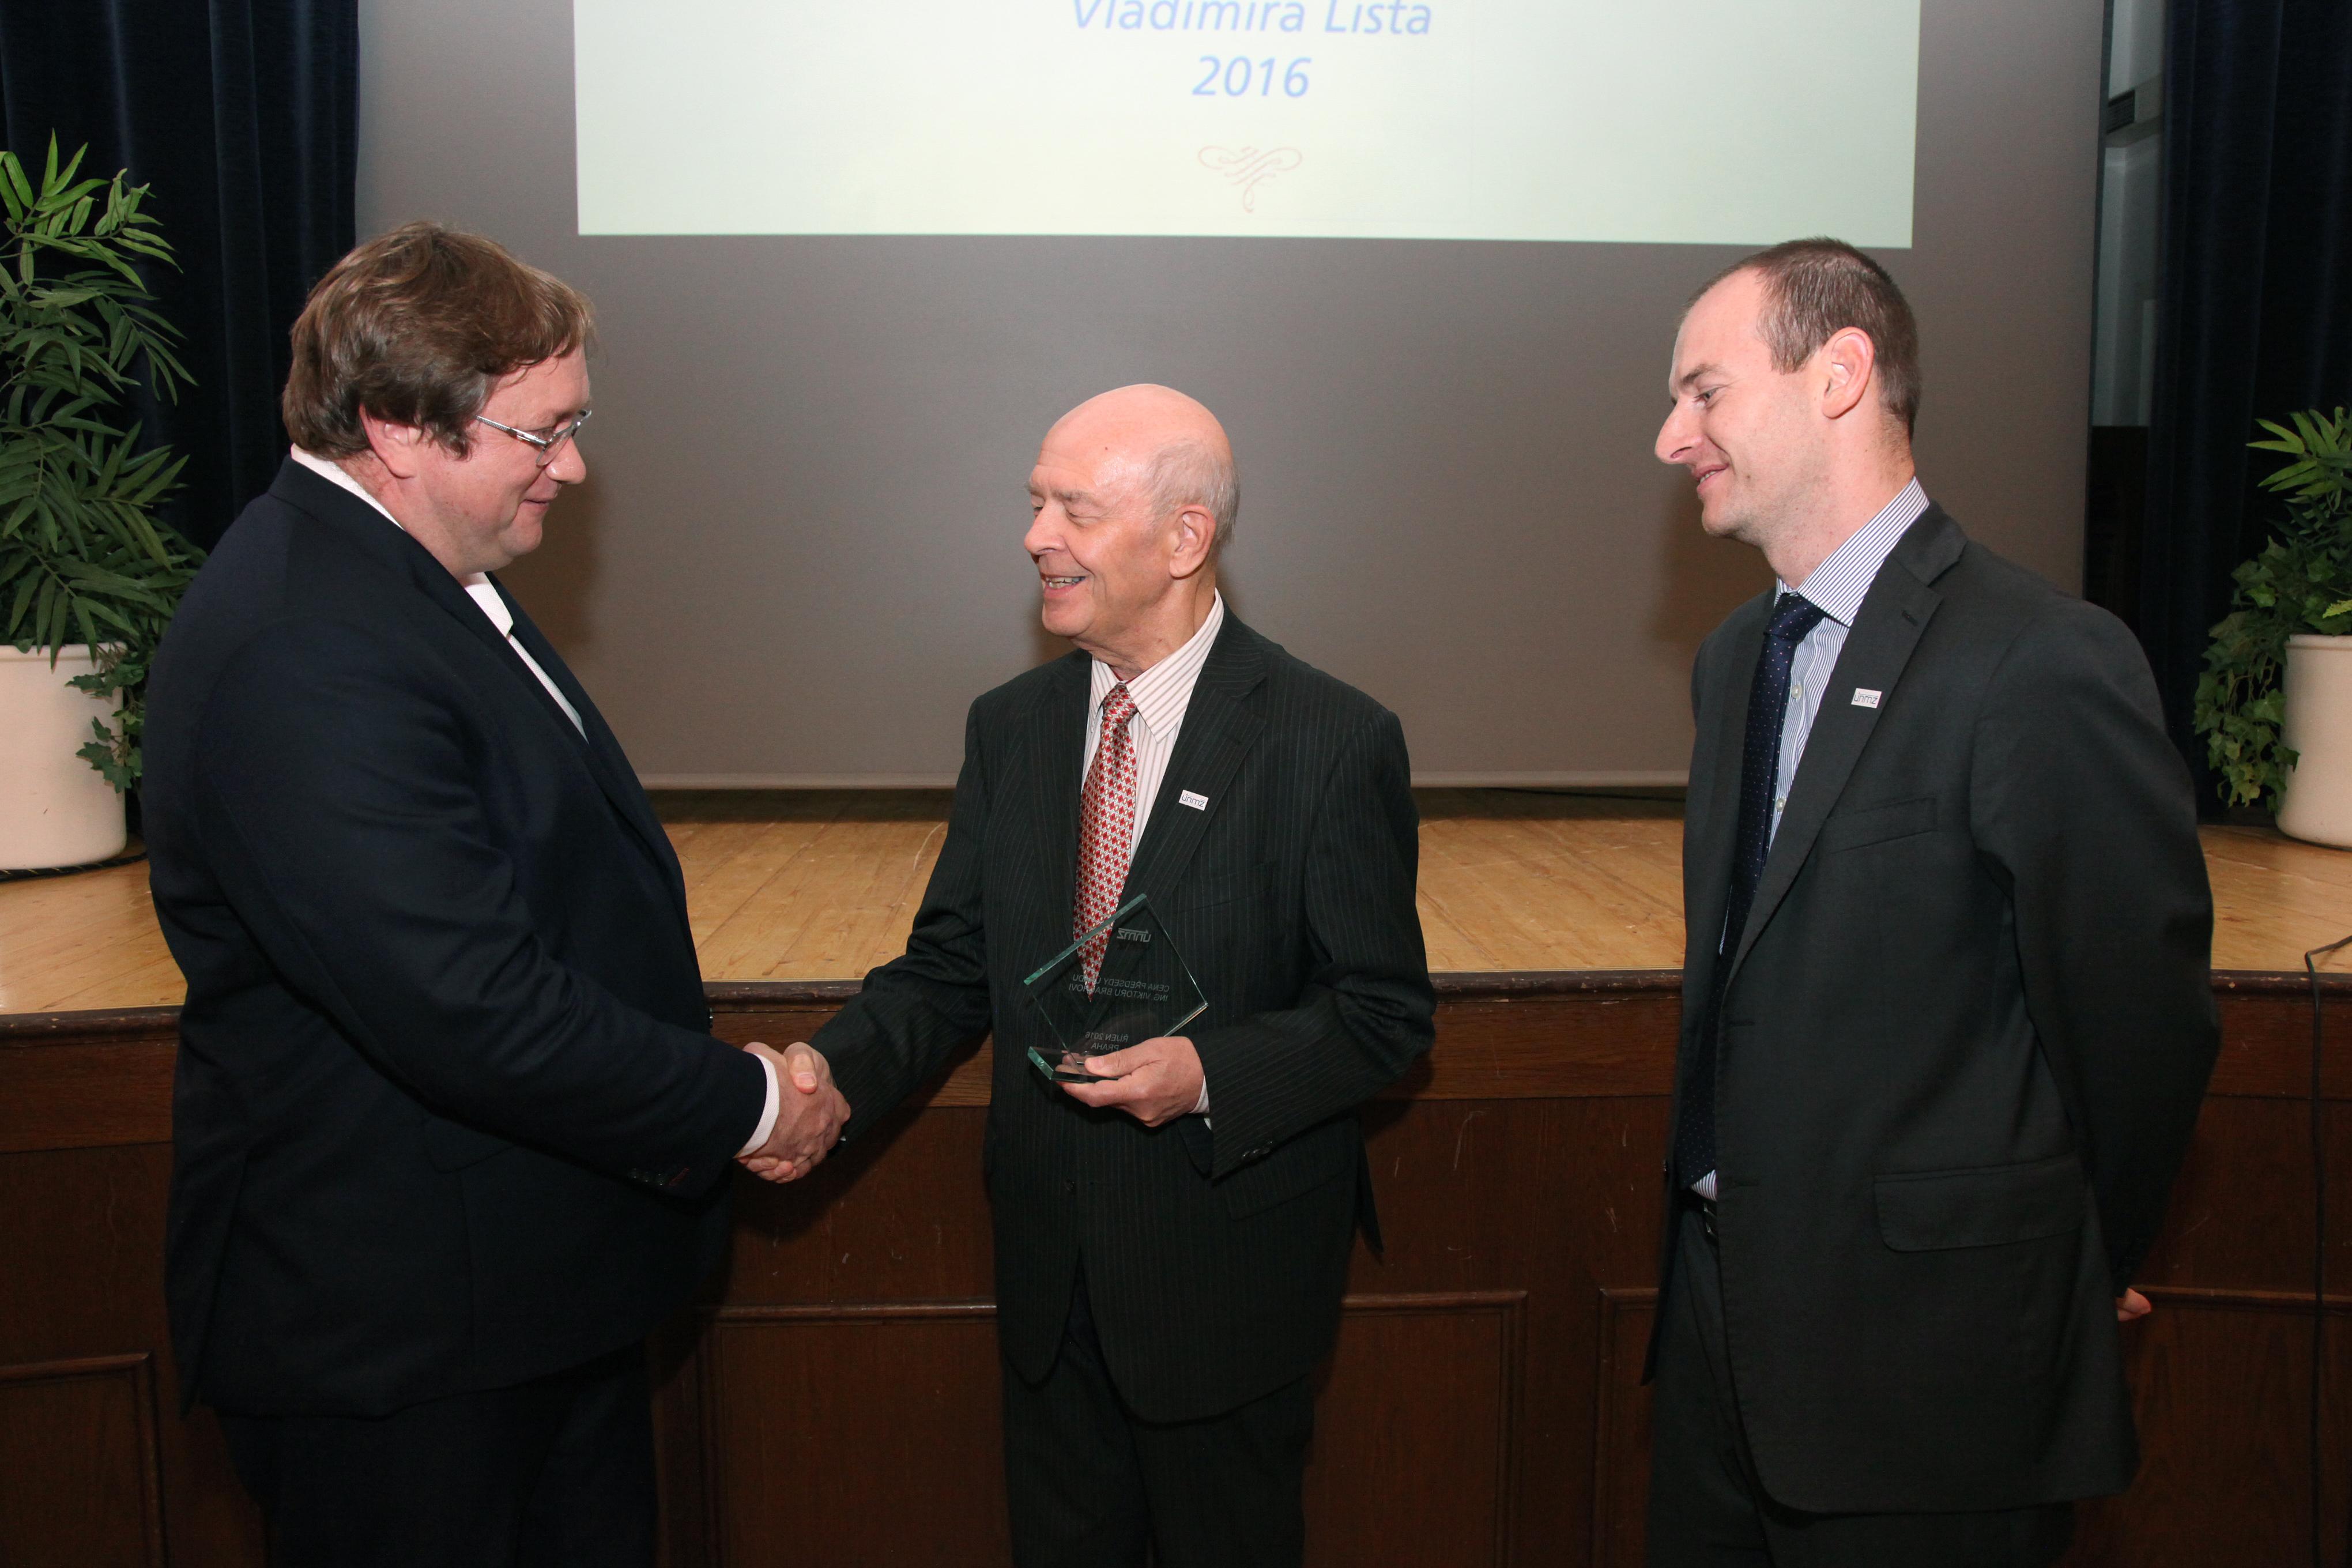 Cena předsedy úřadu UNMZ 2016